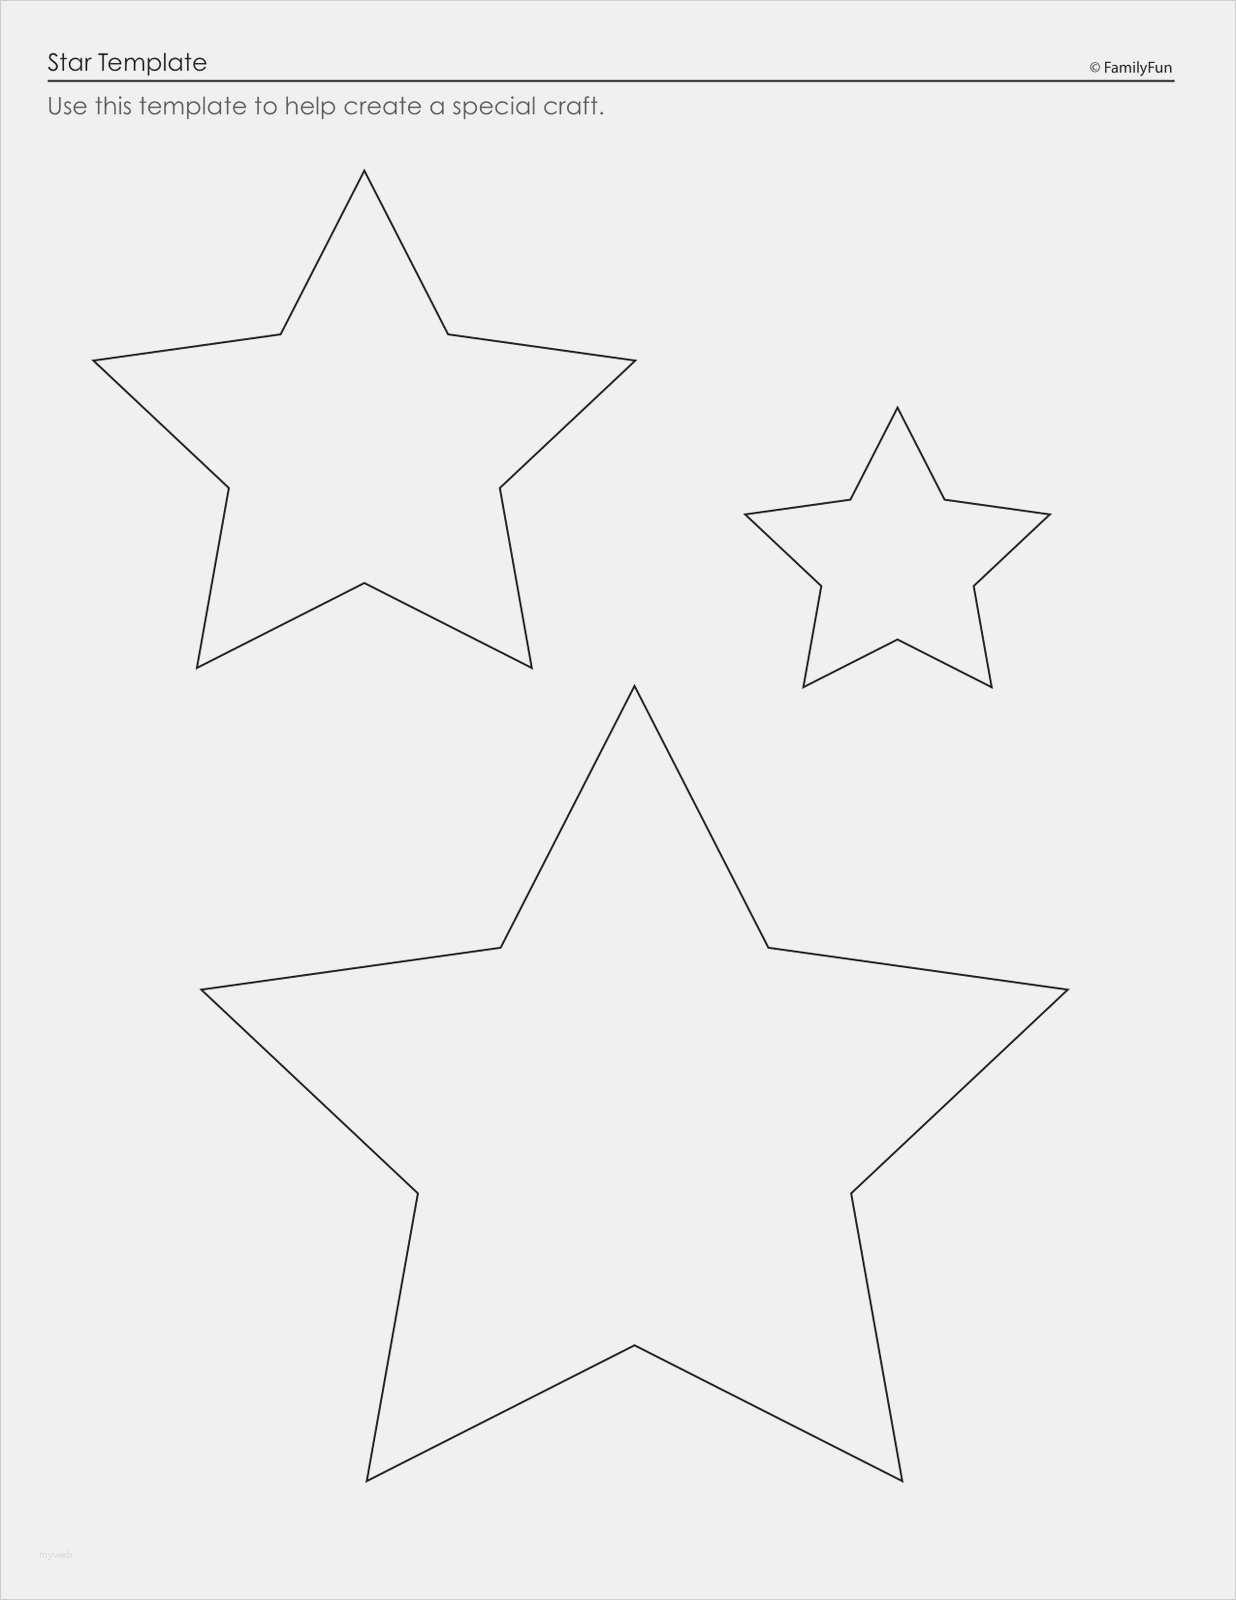 Ein Stern 5 Wie Malvorlage Wie | Coloring And Malvorlagan für Stern Malvorlage Ausdrucken